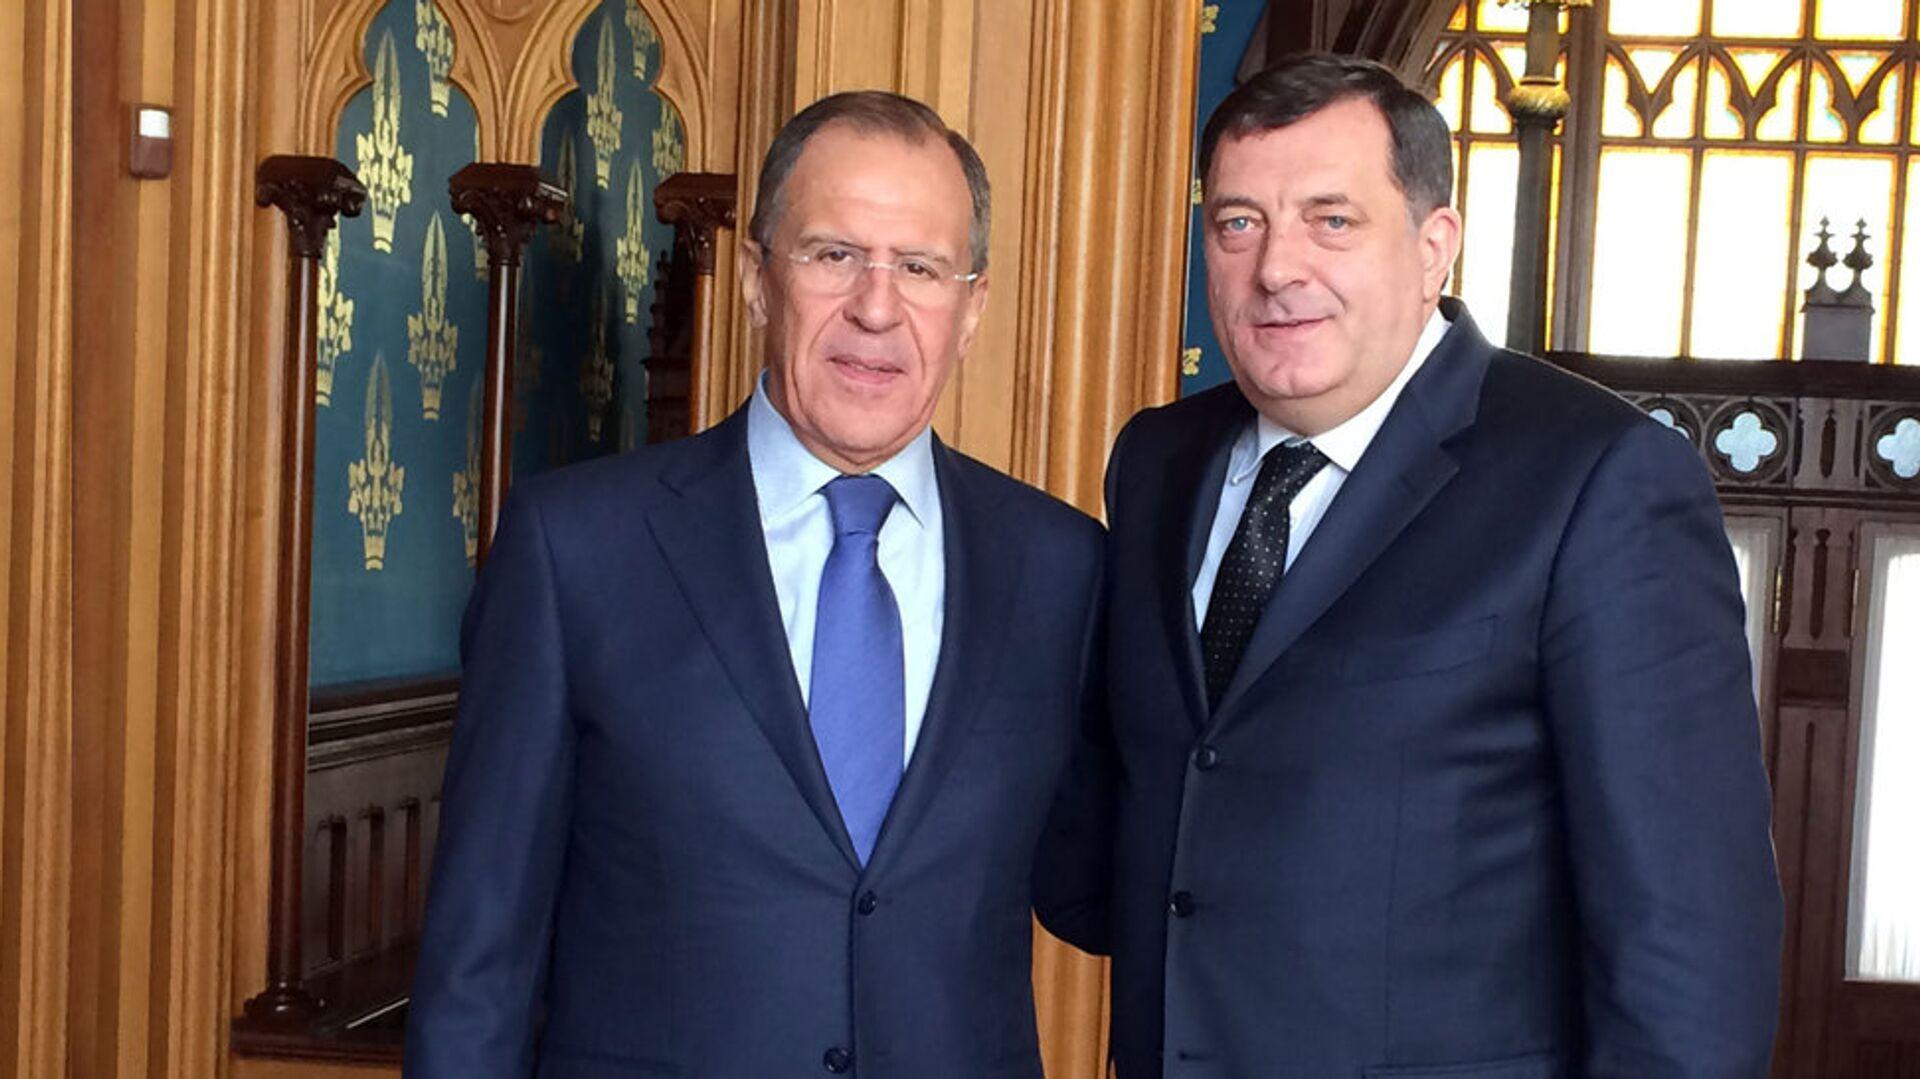 Шеф дипломатије Русије Сергеј Лавров и председник РС Милорад Додик - Sputnik Србија, 1920, 07.10.2021